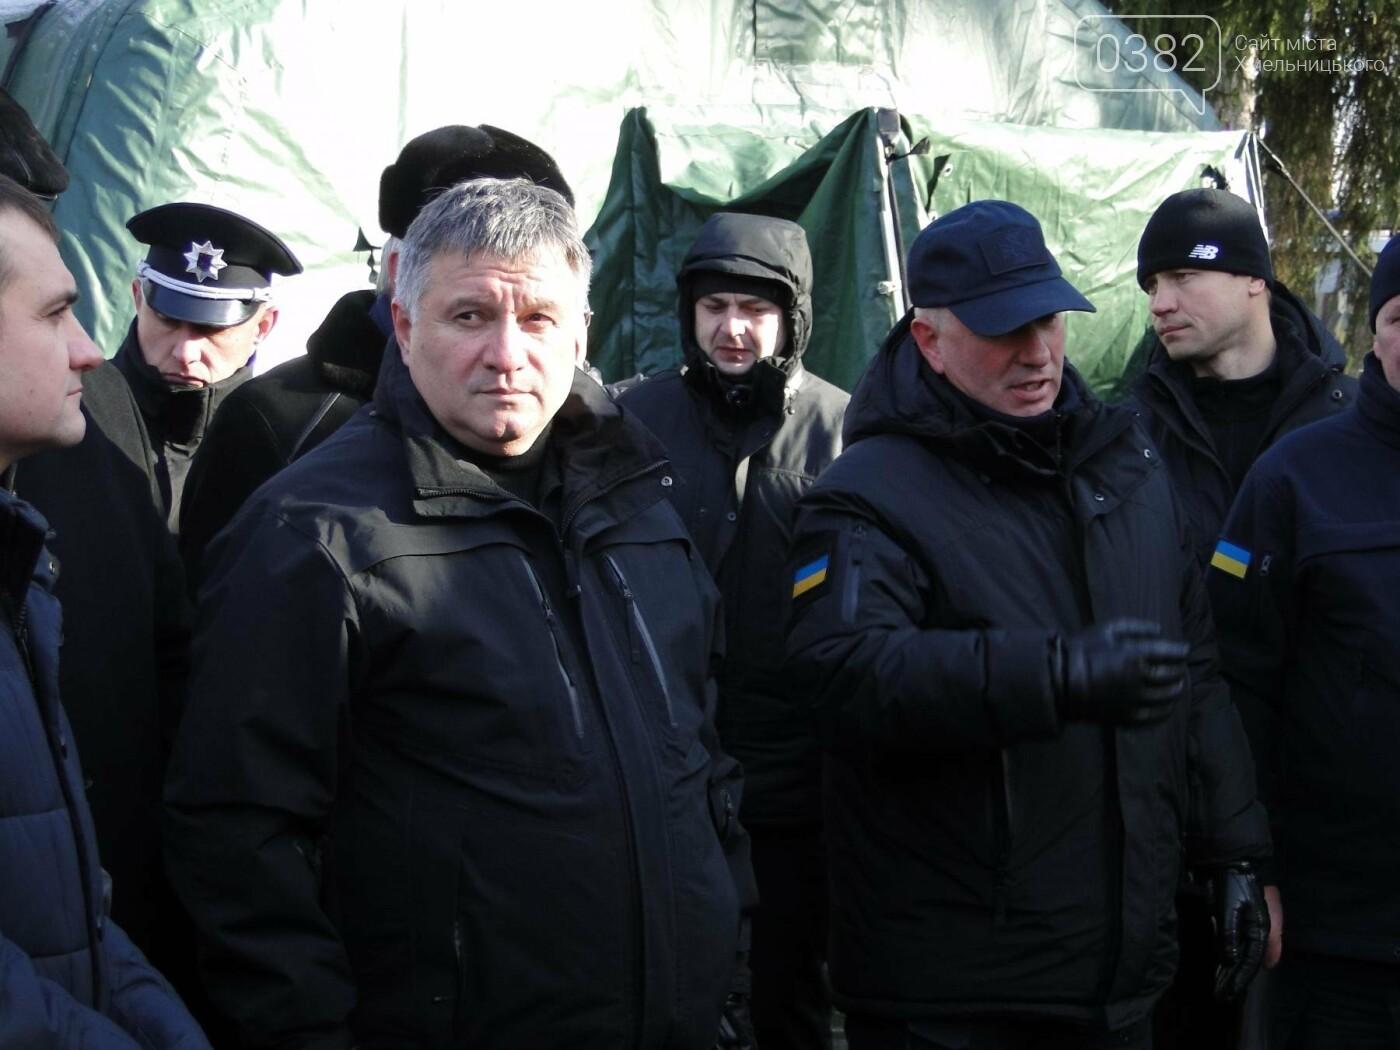 Аваков у Хмельницькому: 39 сімей рятувальників отримали ключі від квартир. ФОТО. ВІДЕО, фото-1